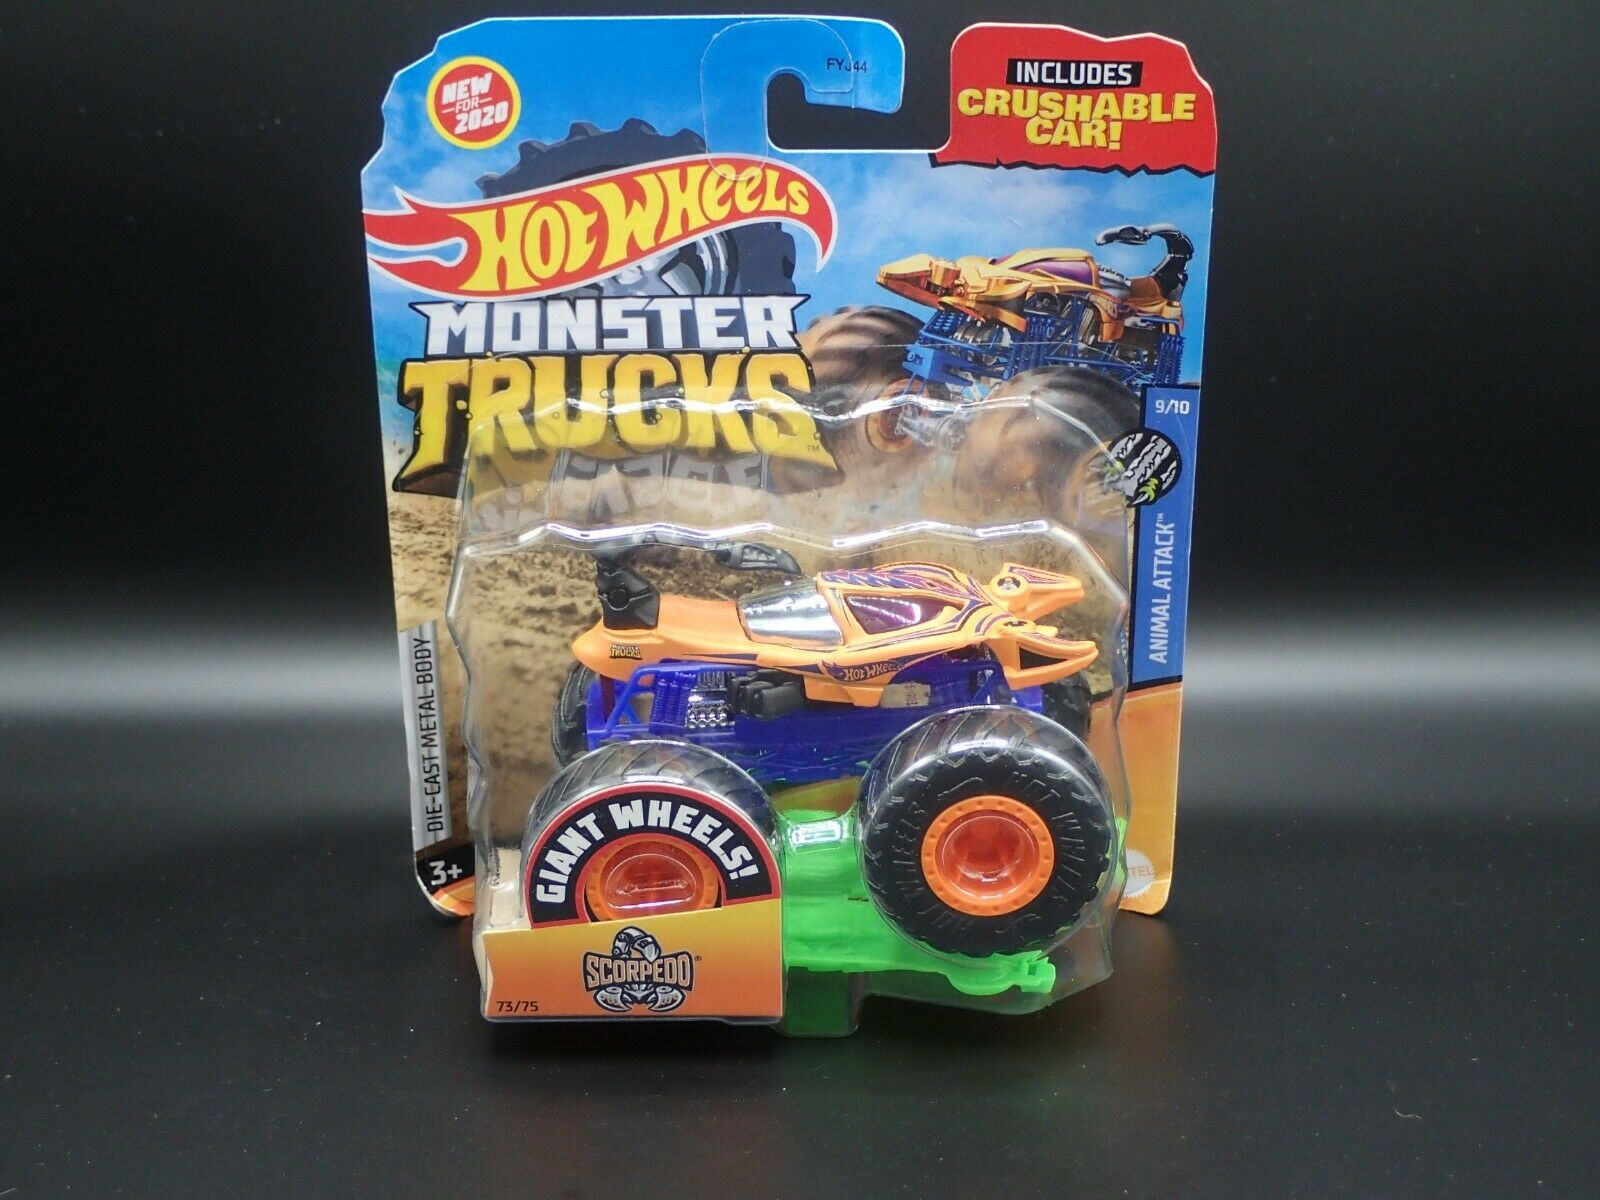 Scorpedo Monster Truck Hot Wheels Wiki Fandom